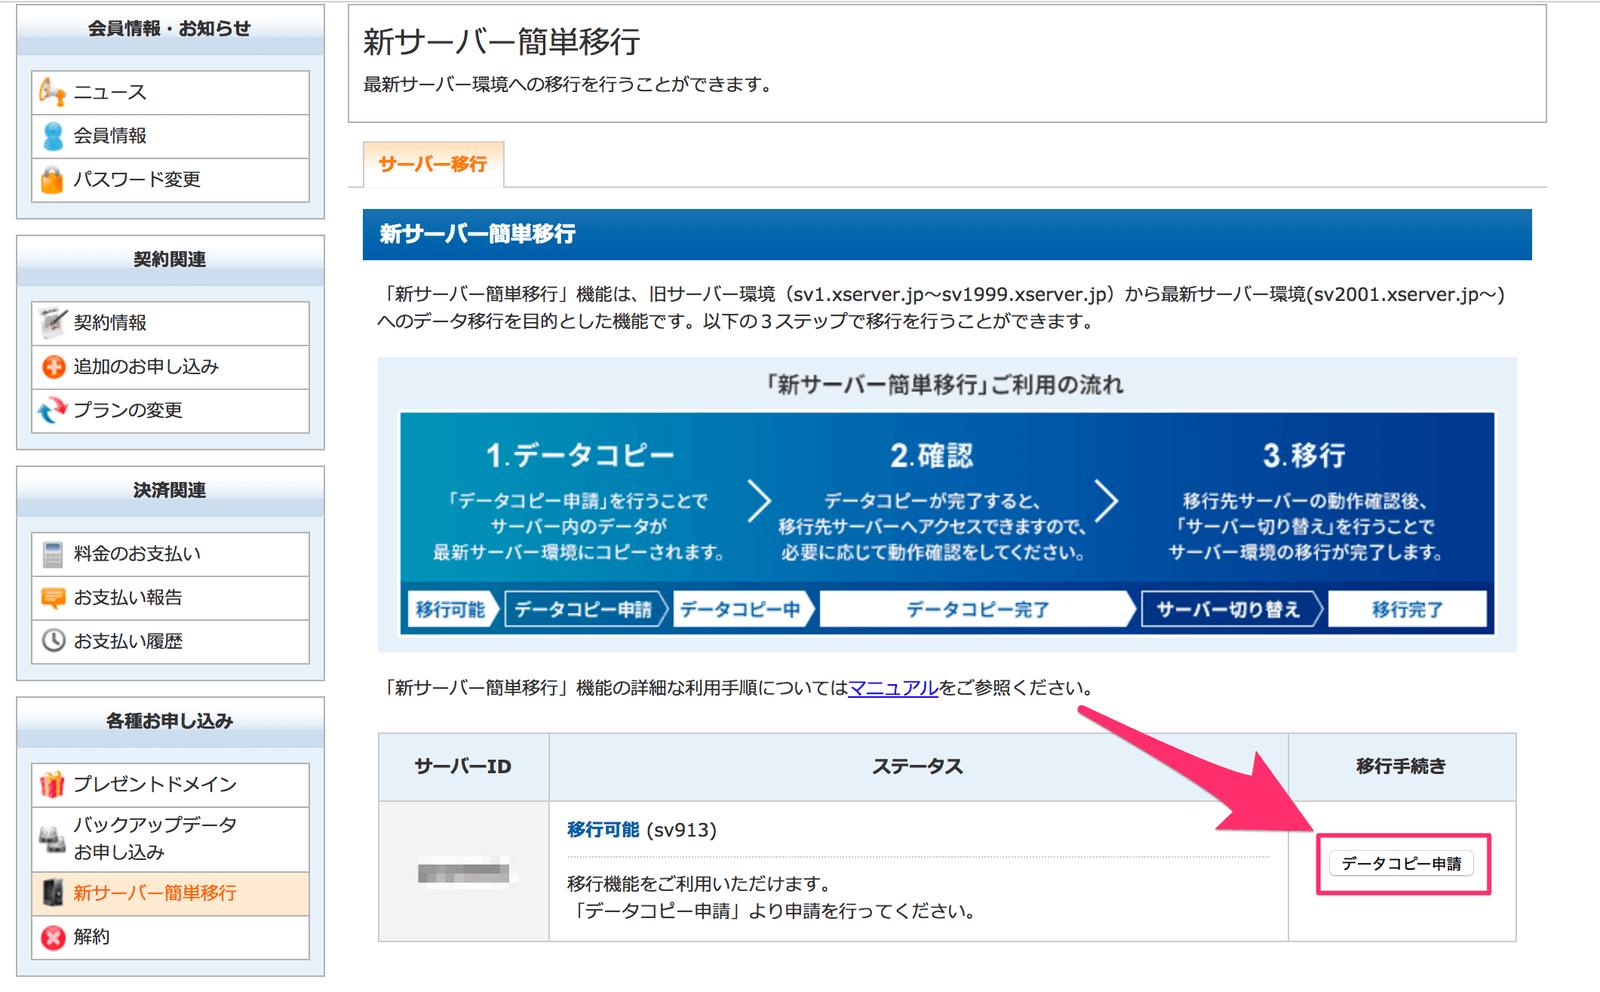 「データコピー申請」ボタンでコピーの申請をする